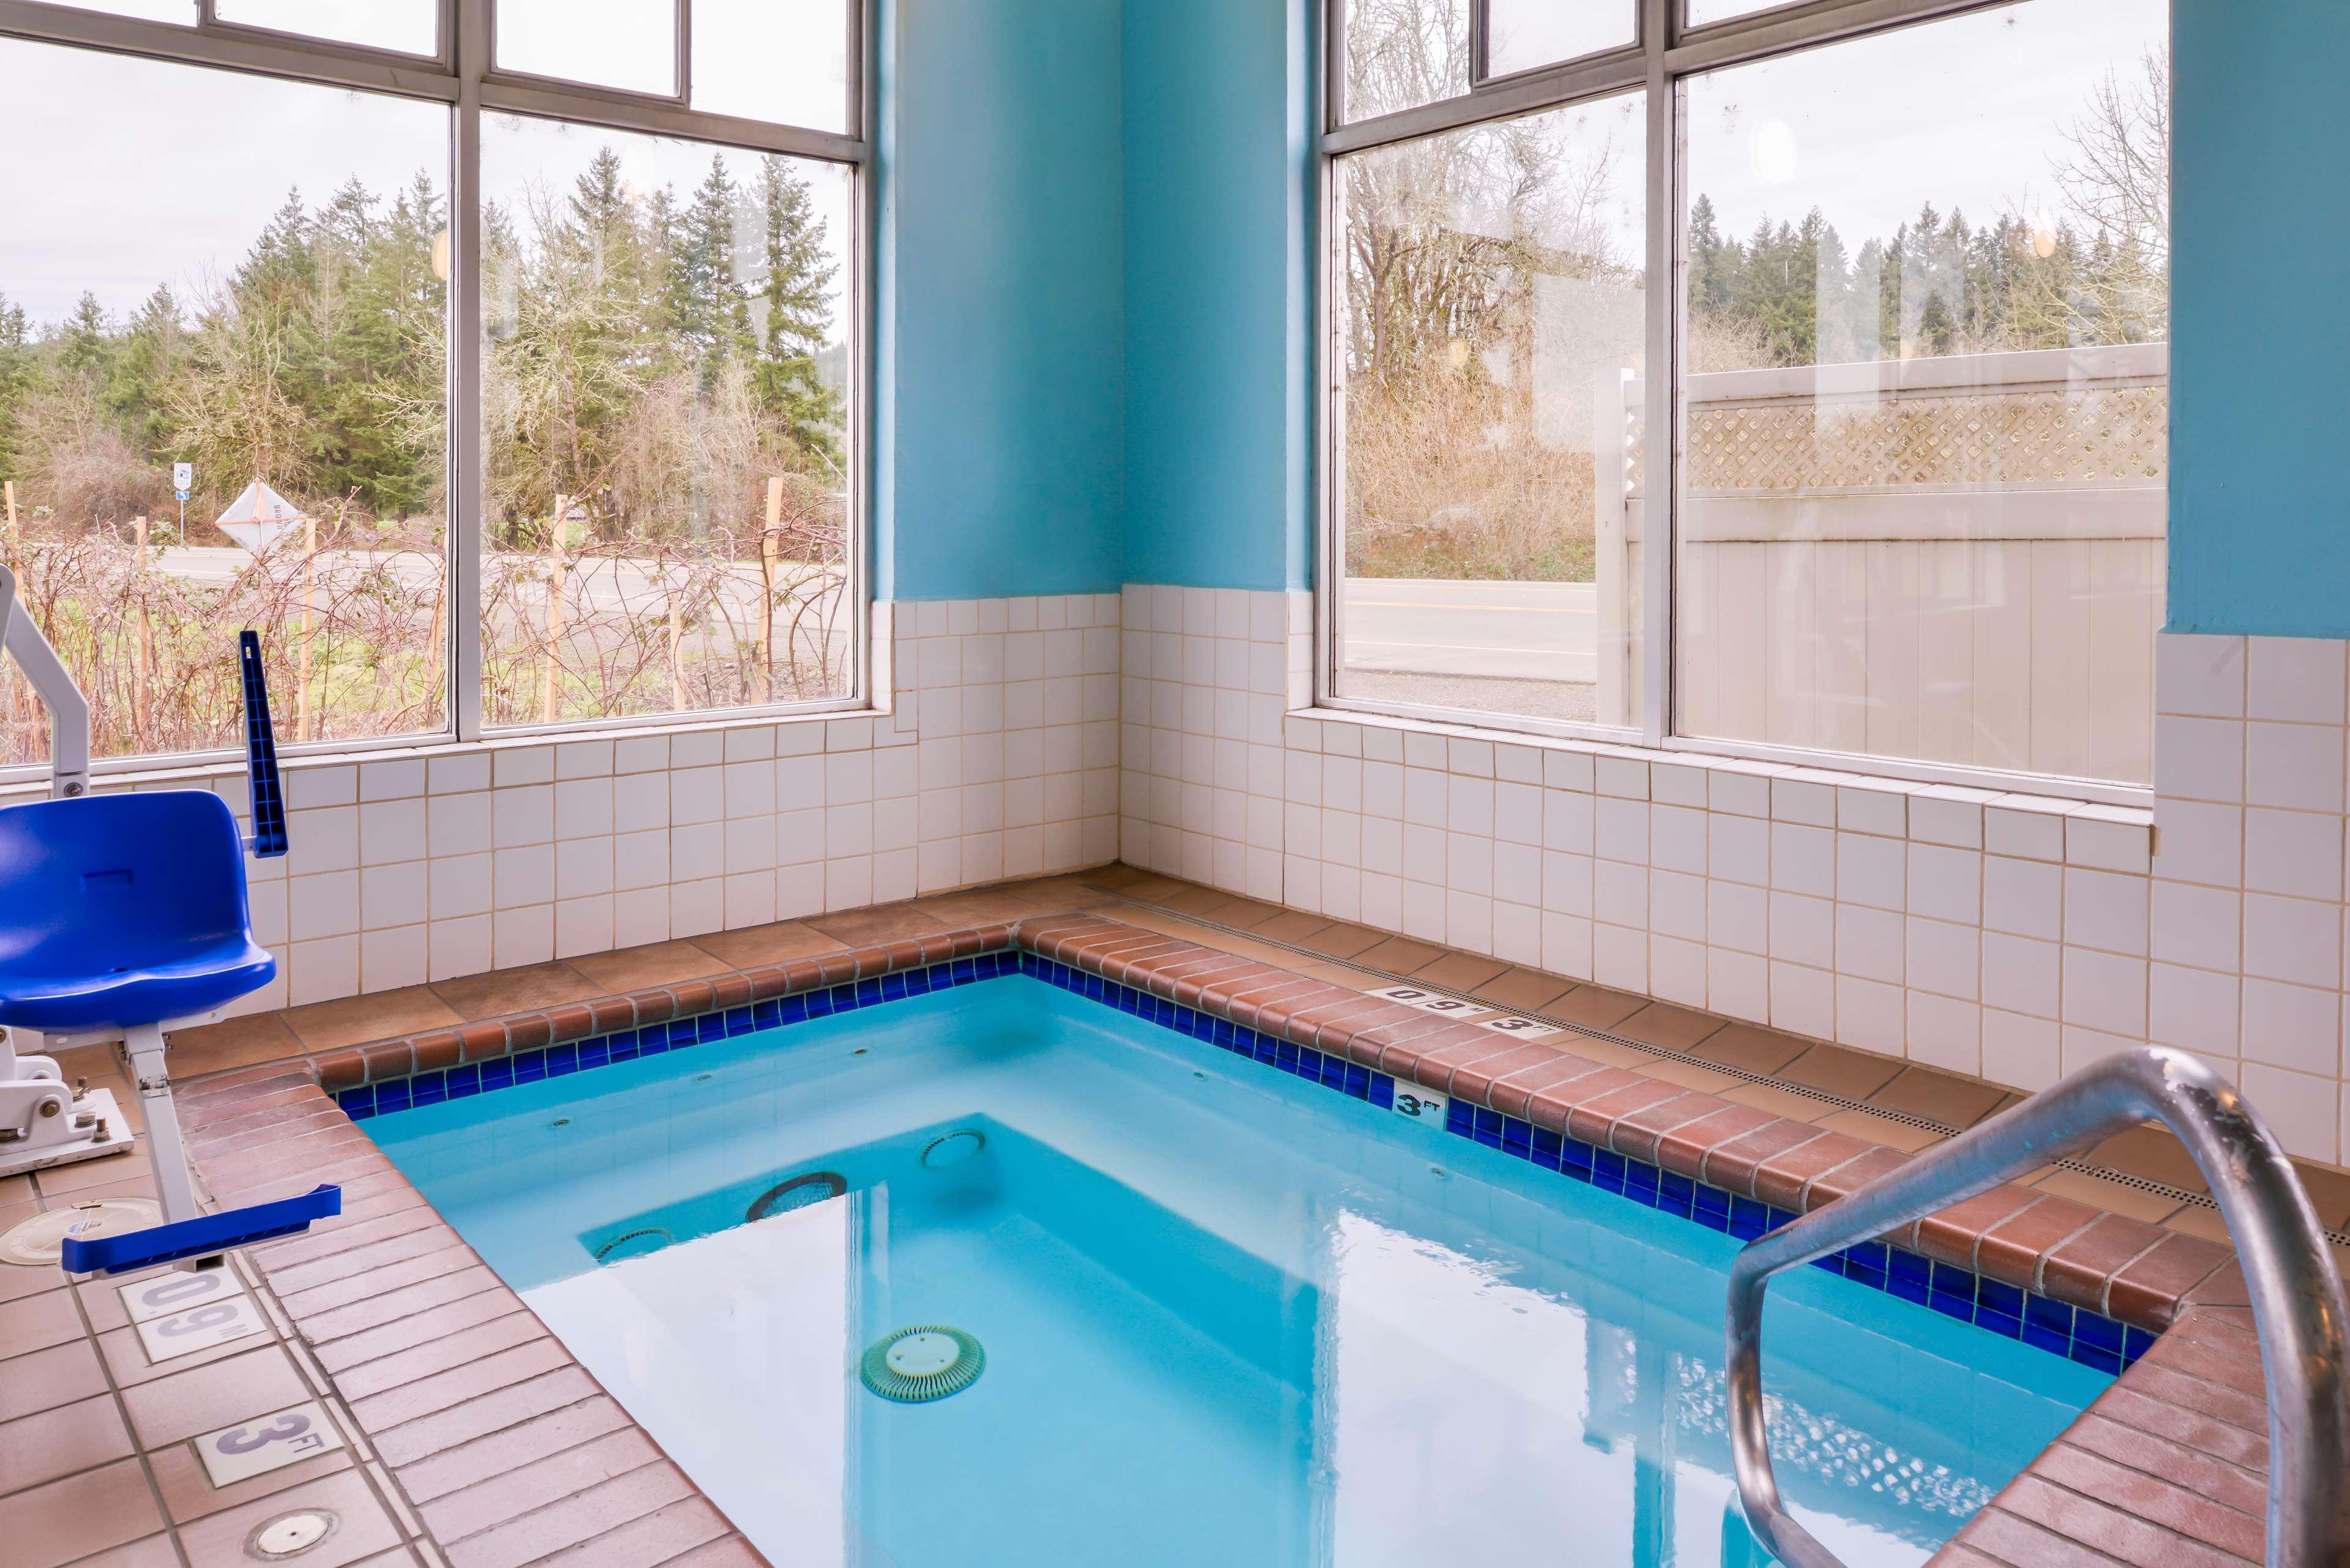 oregon hotels hotel z cottages grove cottage deals western motels in best selected currently item inn book eugene information